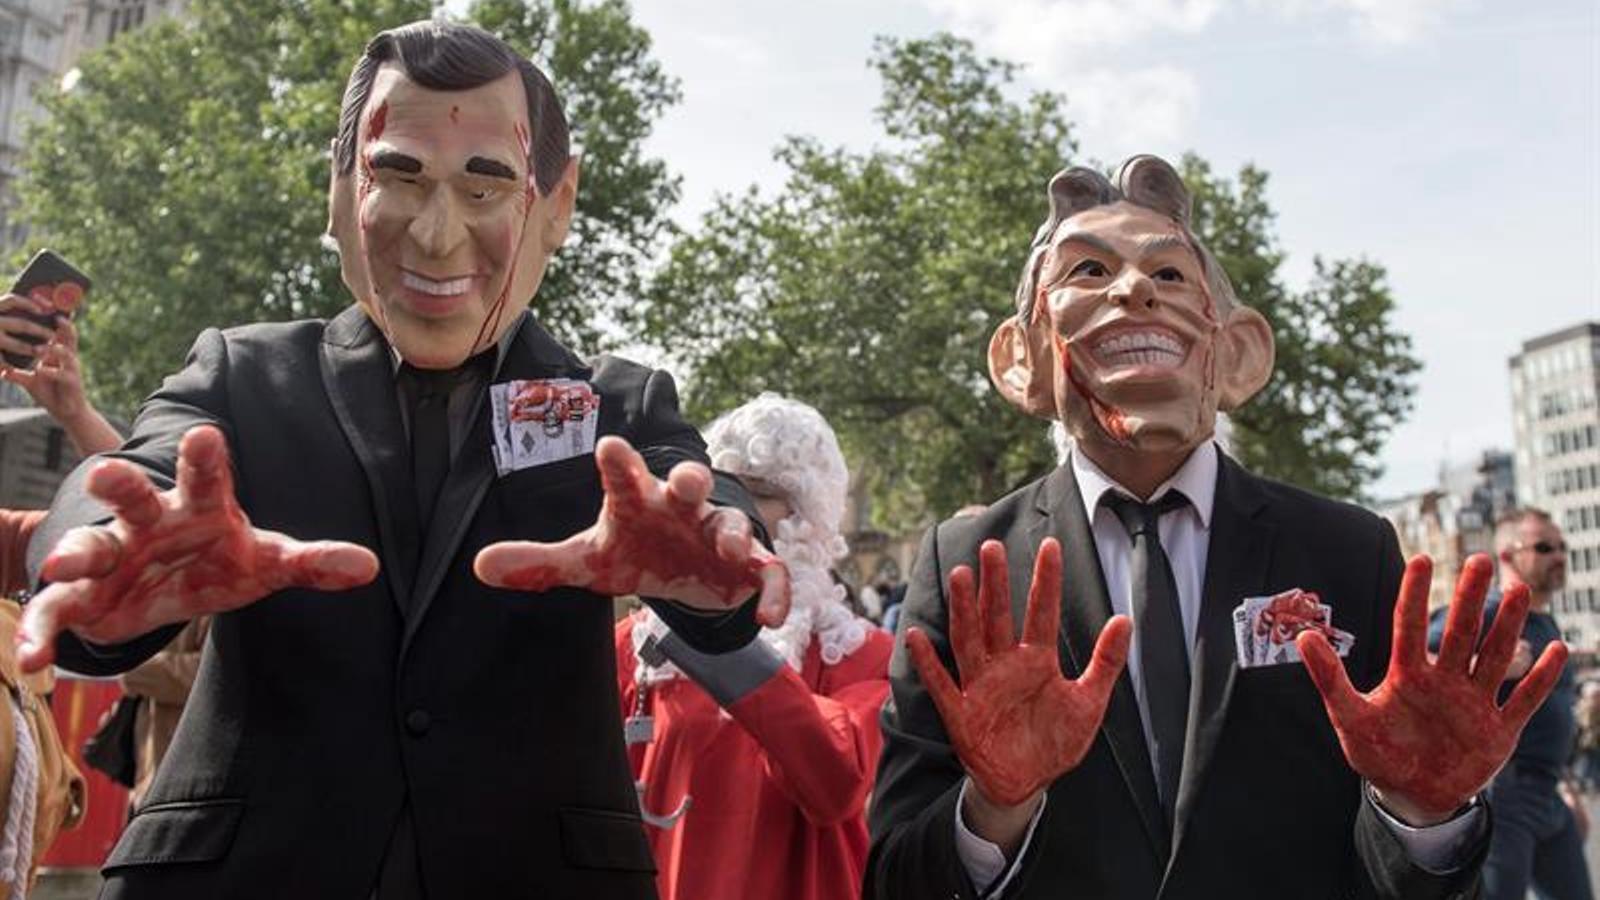 Manifestants amb les caretes de Bush i Blair tacades de sang, avui al barri de Westminster de Londres. / WILL OLIVER / EFE